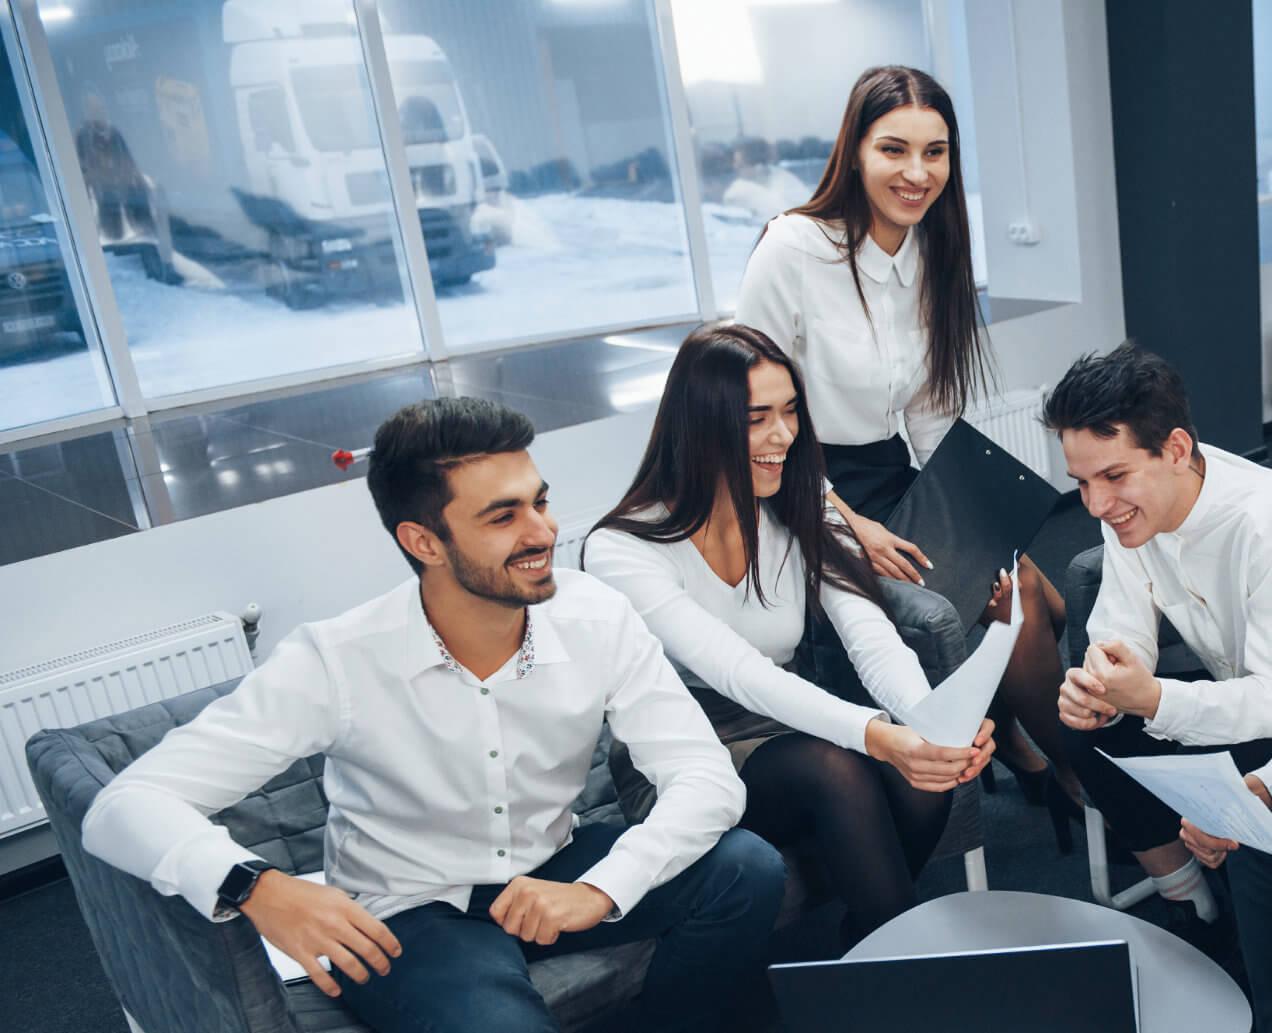 gestion de paie - vos échanges fructueux avec vos salariés illustration -C.G.P.A.S OFFICE accompagnement d'entreprises - gestion de la paie - formation - Gonesse - Ile-de-France